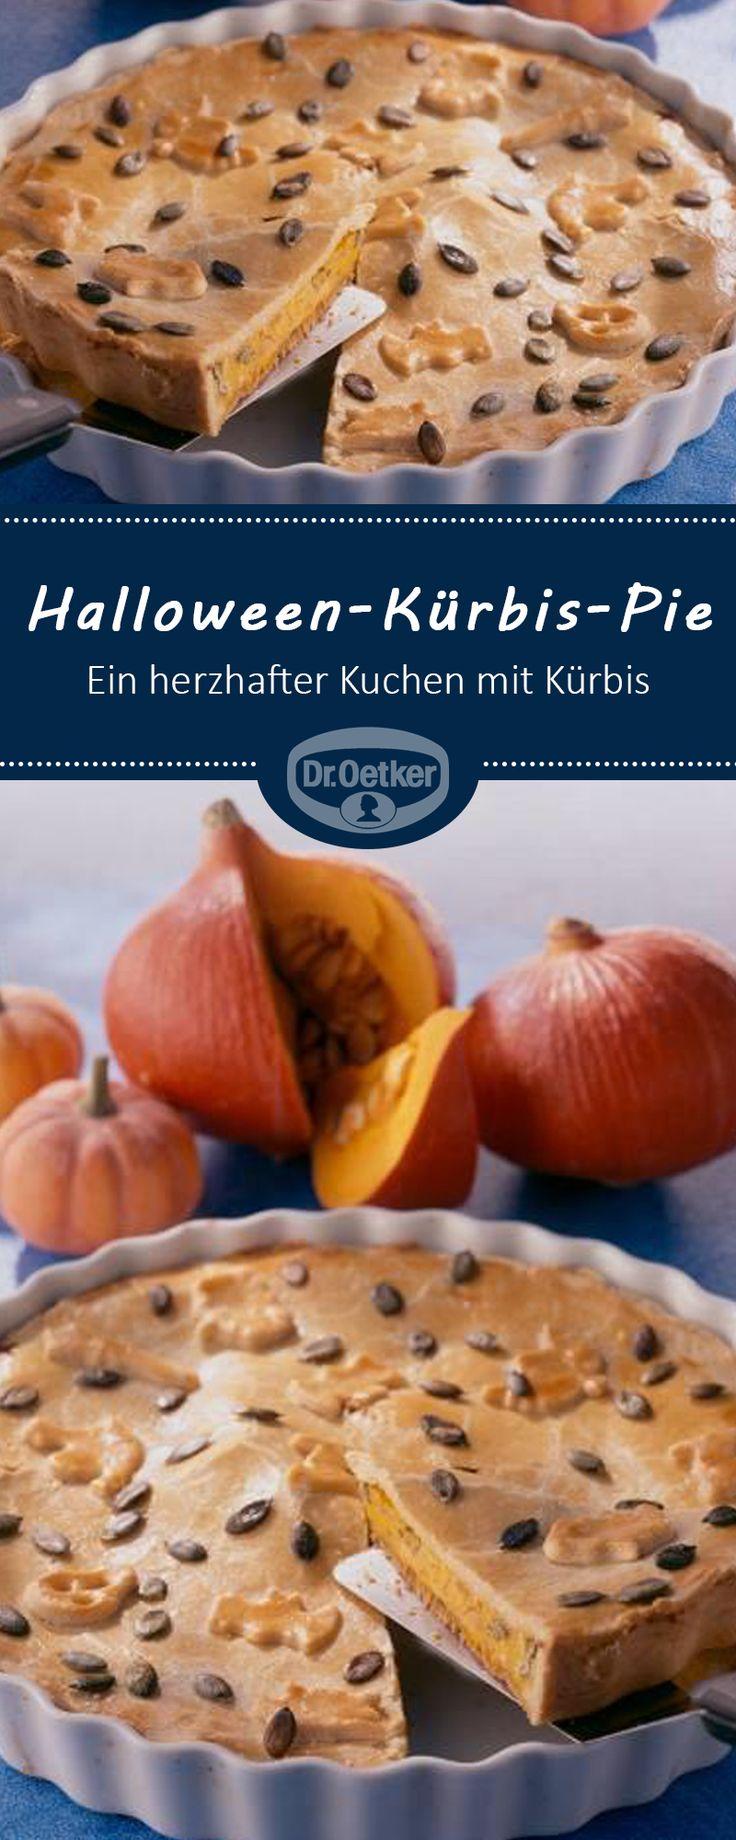 Halloween-Kürbis-Pie: Ein herzhafter Kuchen mit Kürbis für den Herbst und zu Halloween